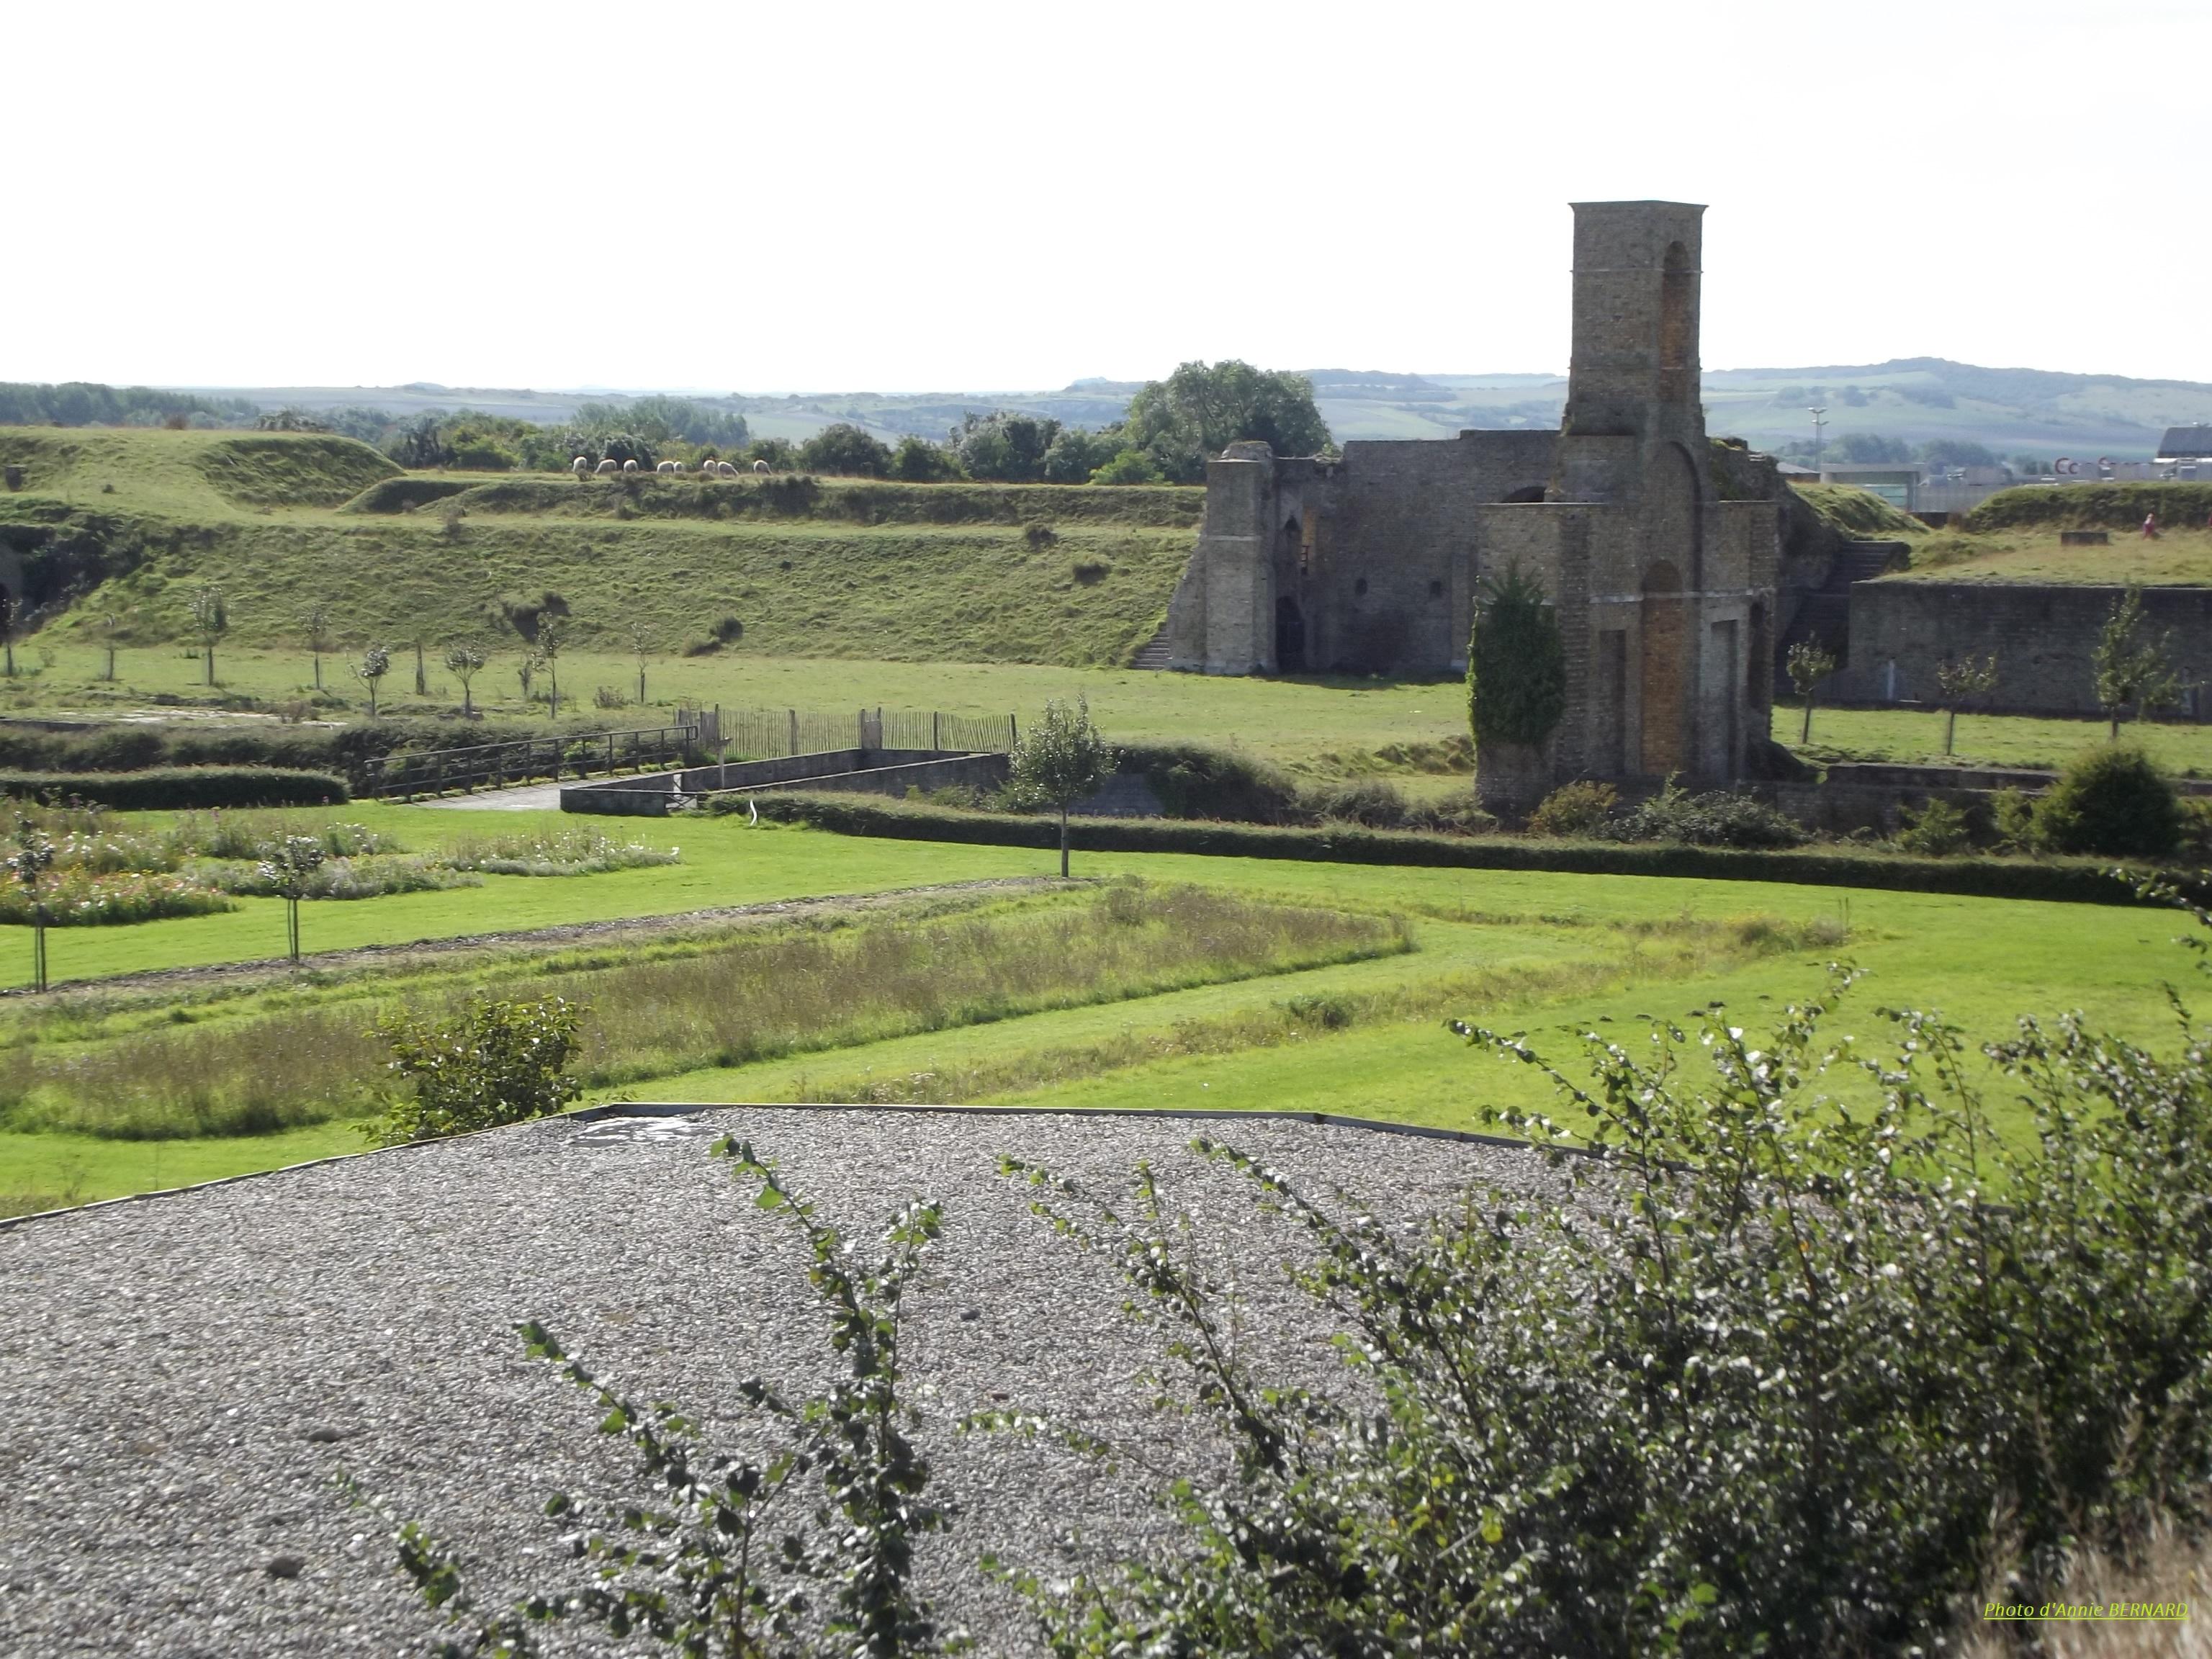 Vue sur le site du fort